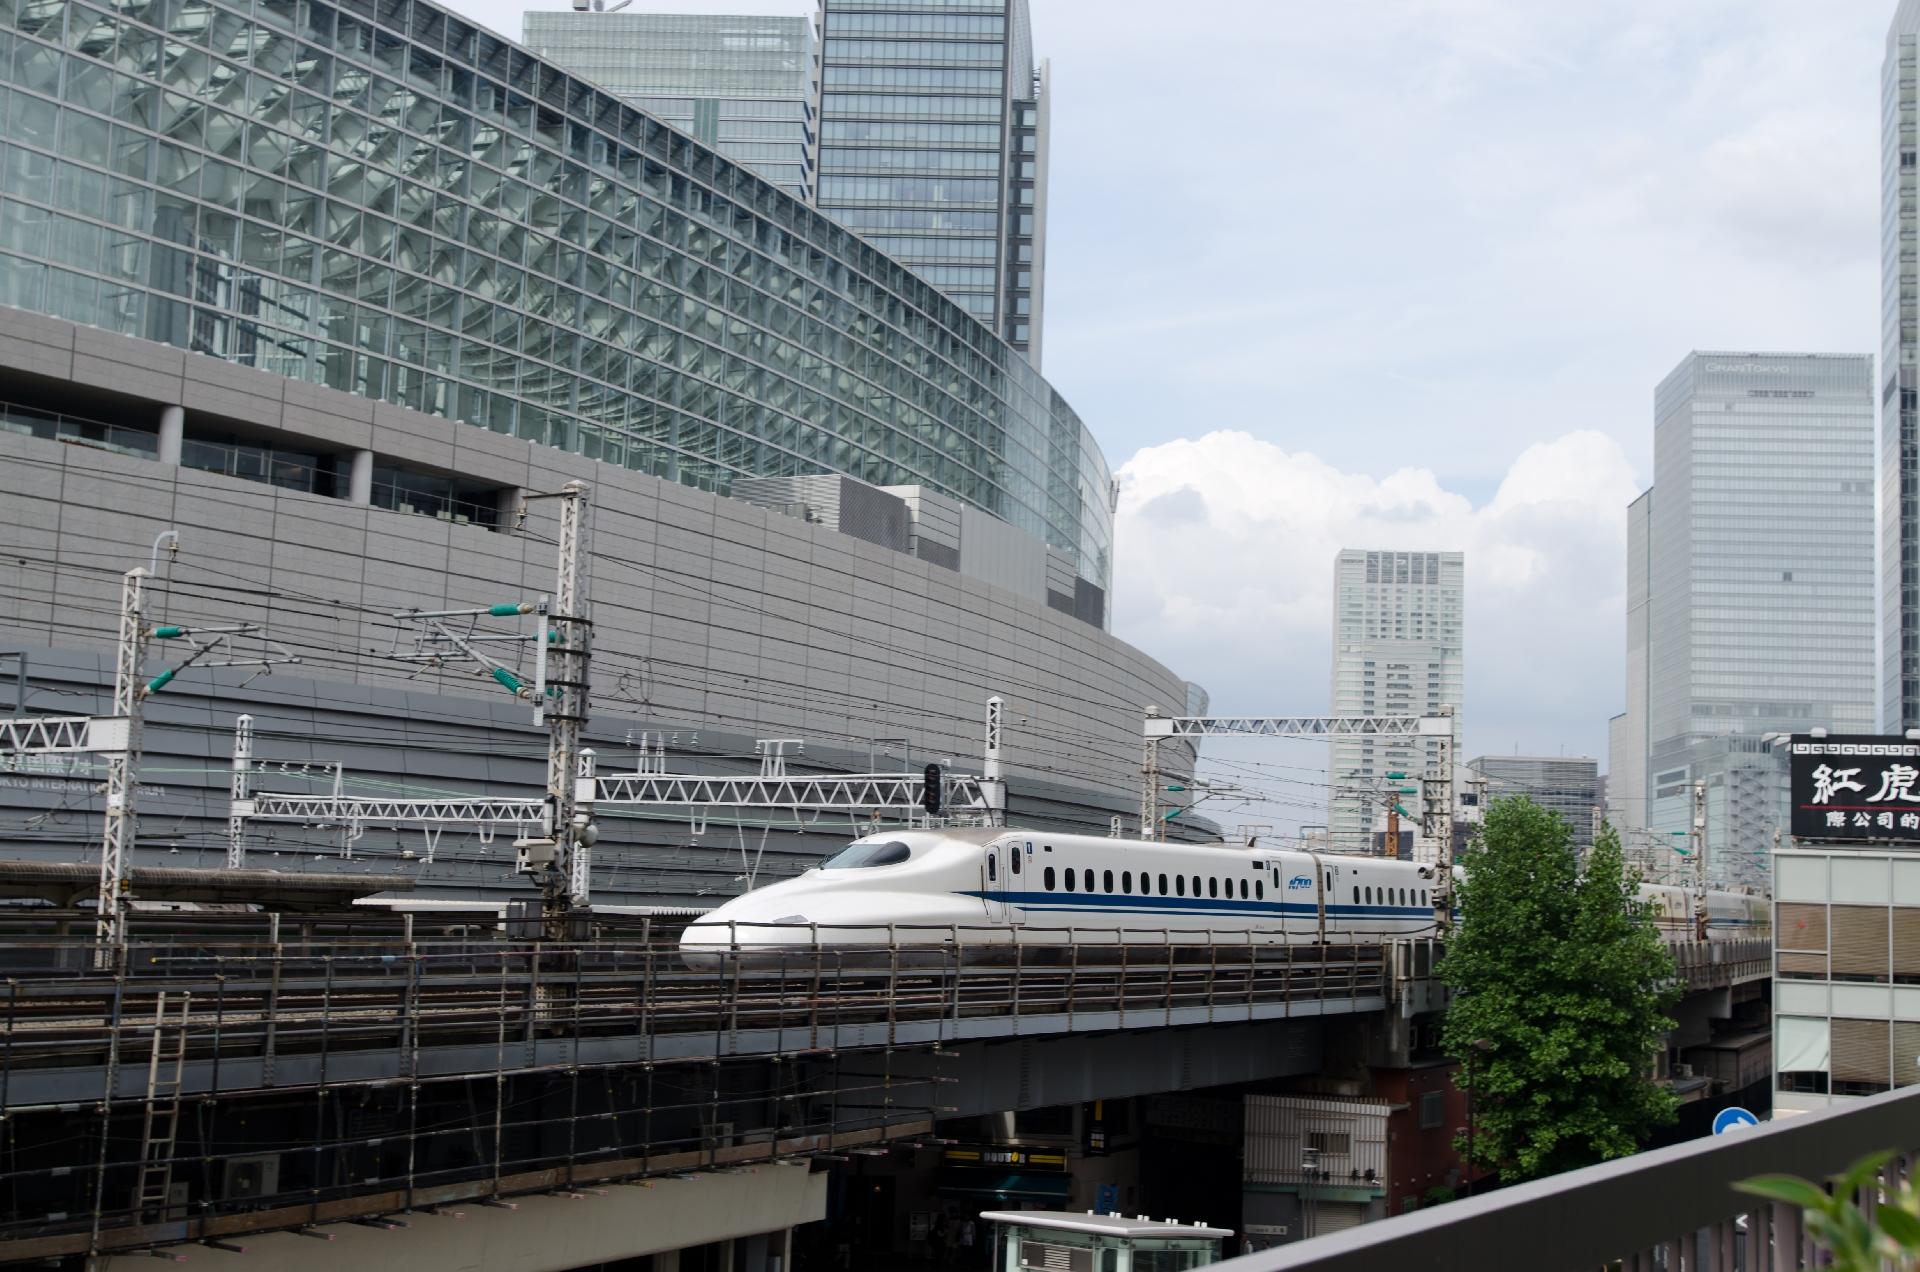 【鉄道限定】魅力たっぷり!日本の新幹線まとめ②